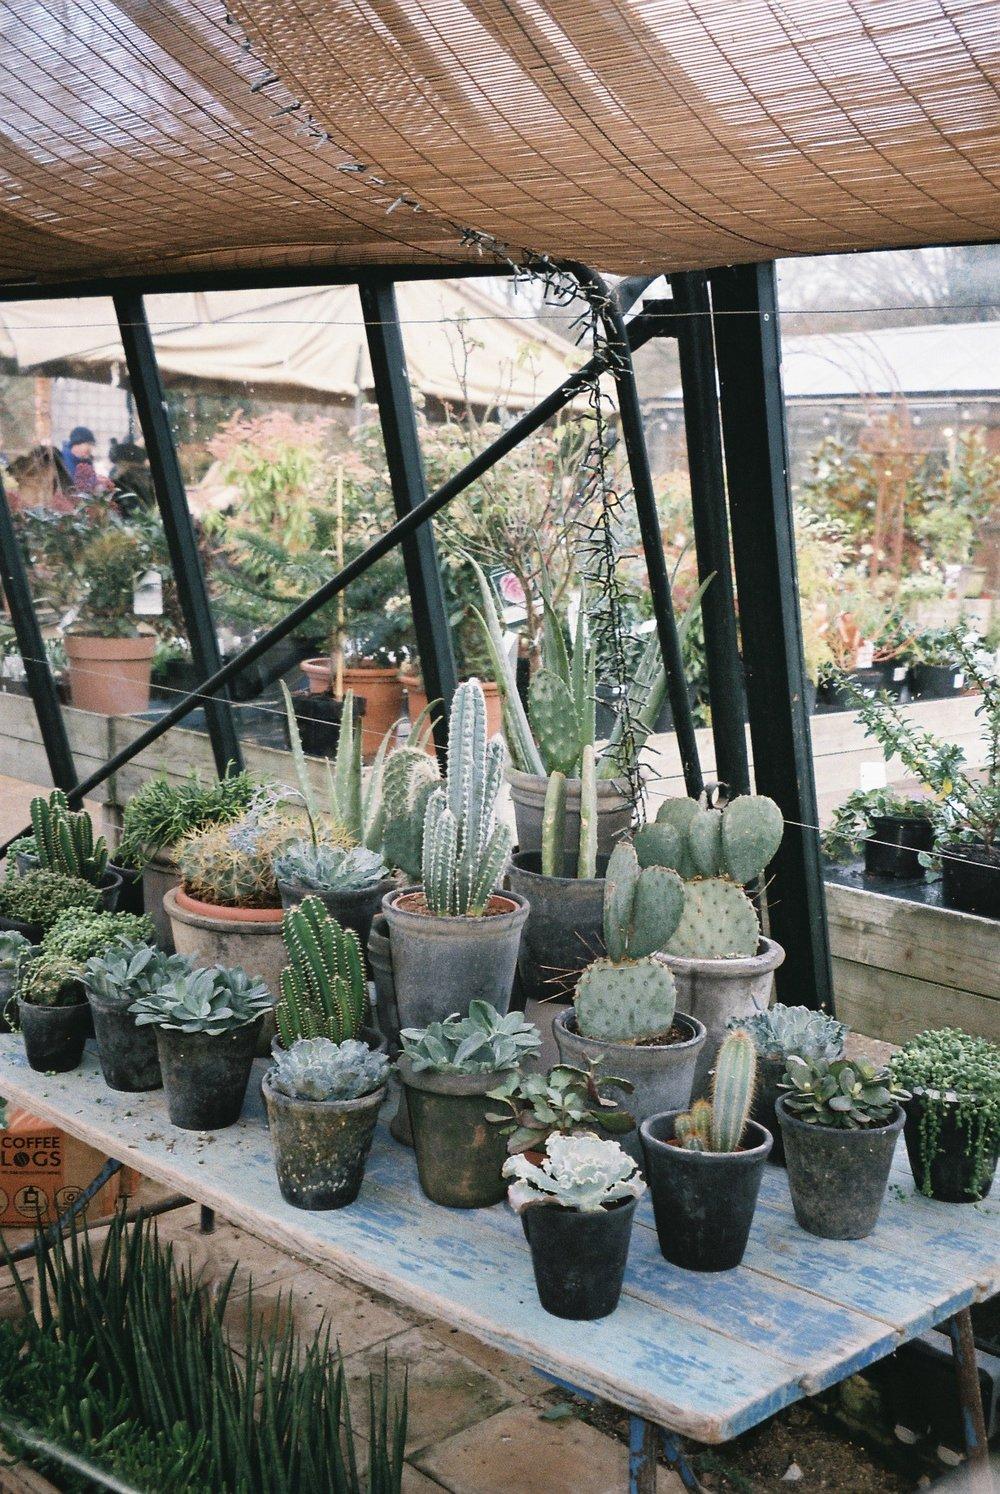 Petersham Nurseries also has an interiors shop (way overpriced in my modest opinion), and a garden centre where they sell all kinds of plants.  / A Petersham Nurseries tem também uma loja de decoração (excessivamente cara na minha modesta opinião), e uma loja de jardinagem onde vendem todo o tipo de plantas.